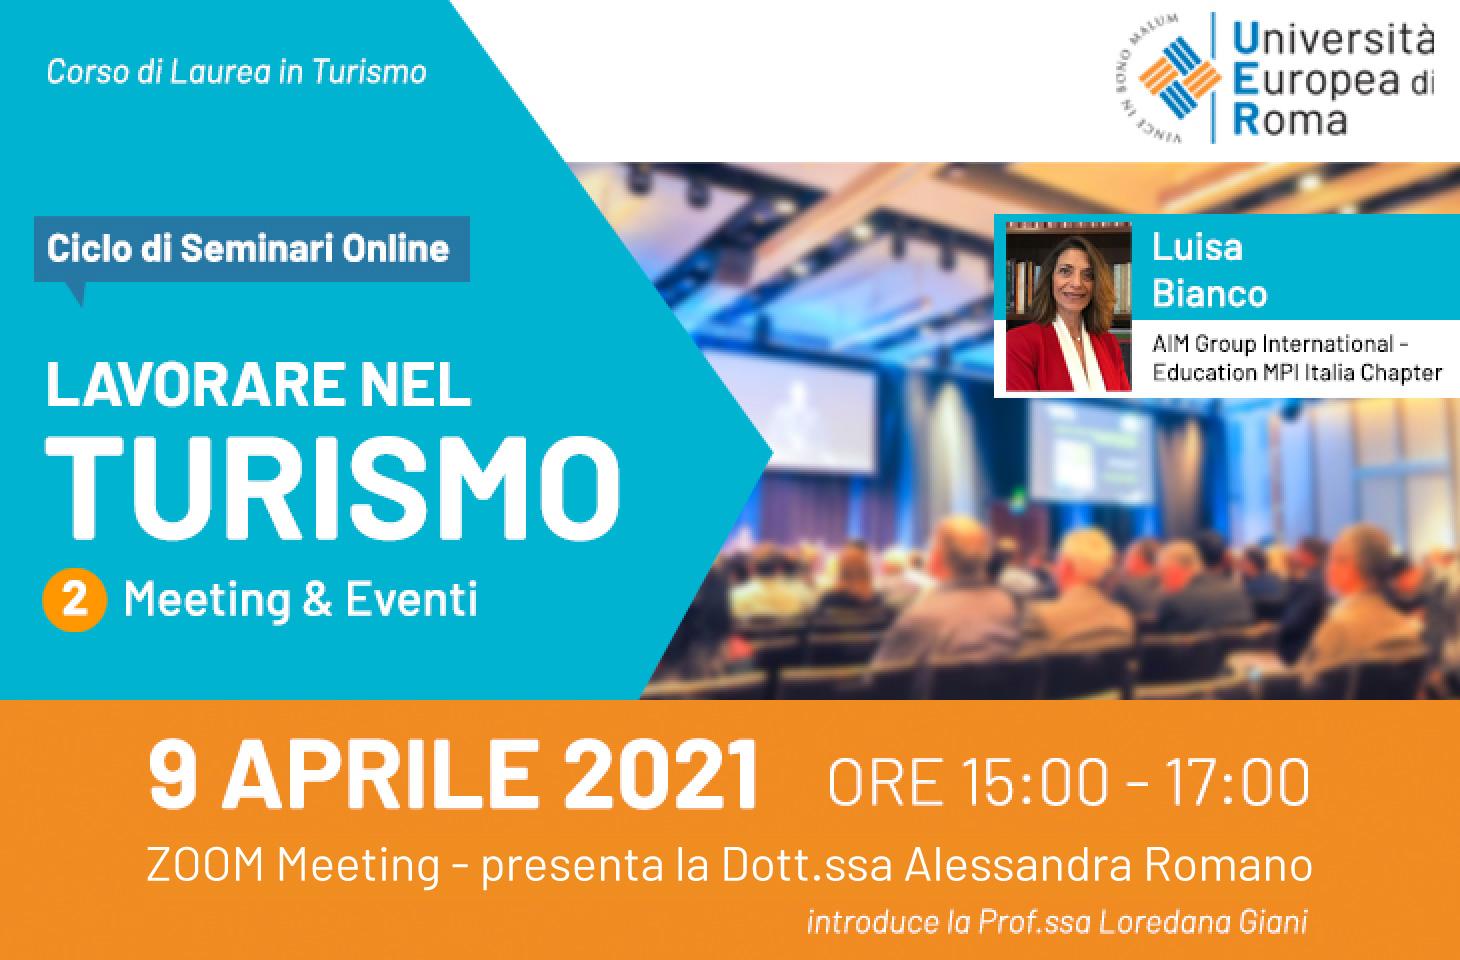 Lavorare nel turismo – Meeting & Eventi